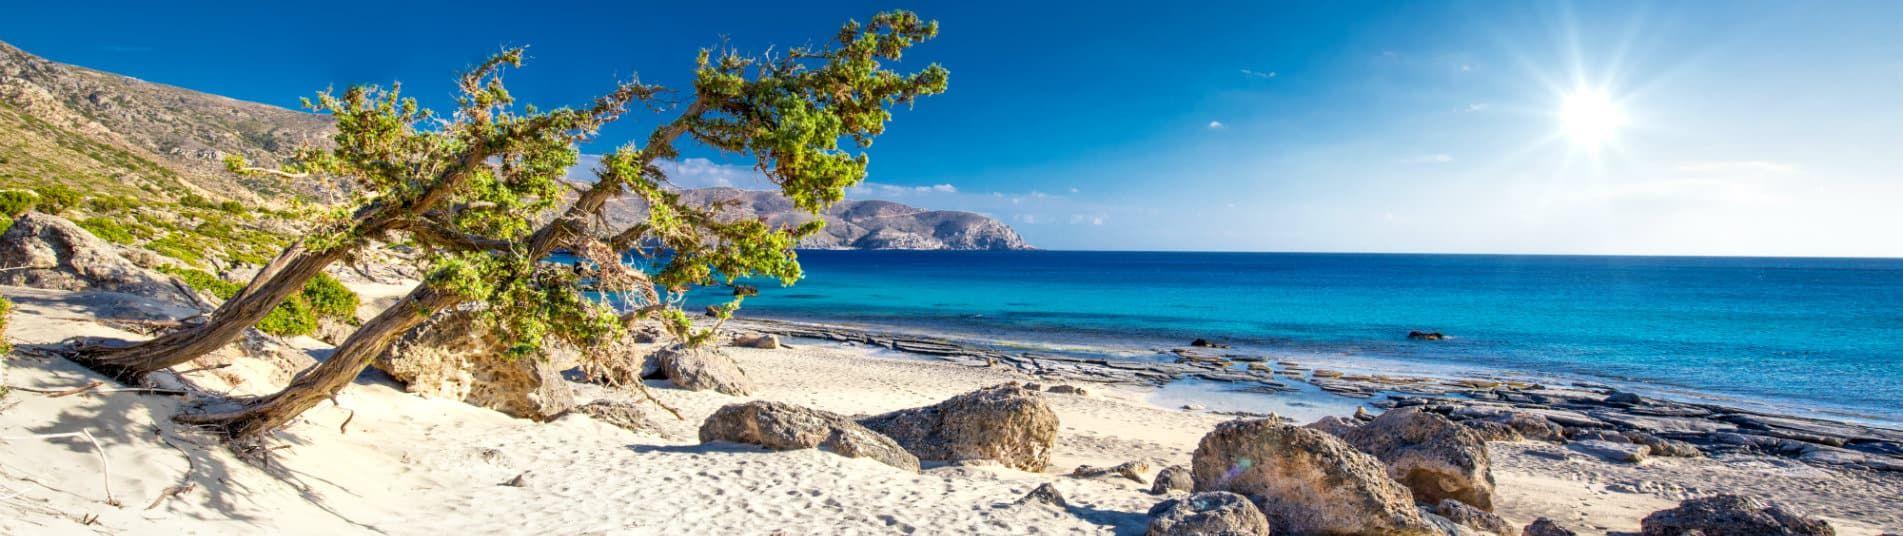 Plage d'Elafonissi en Crete